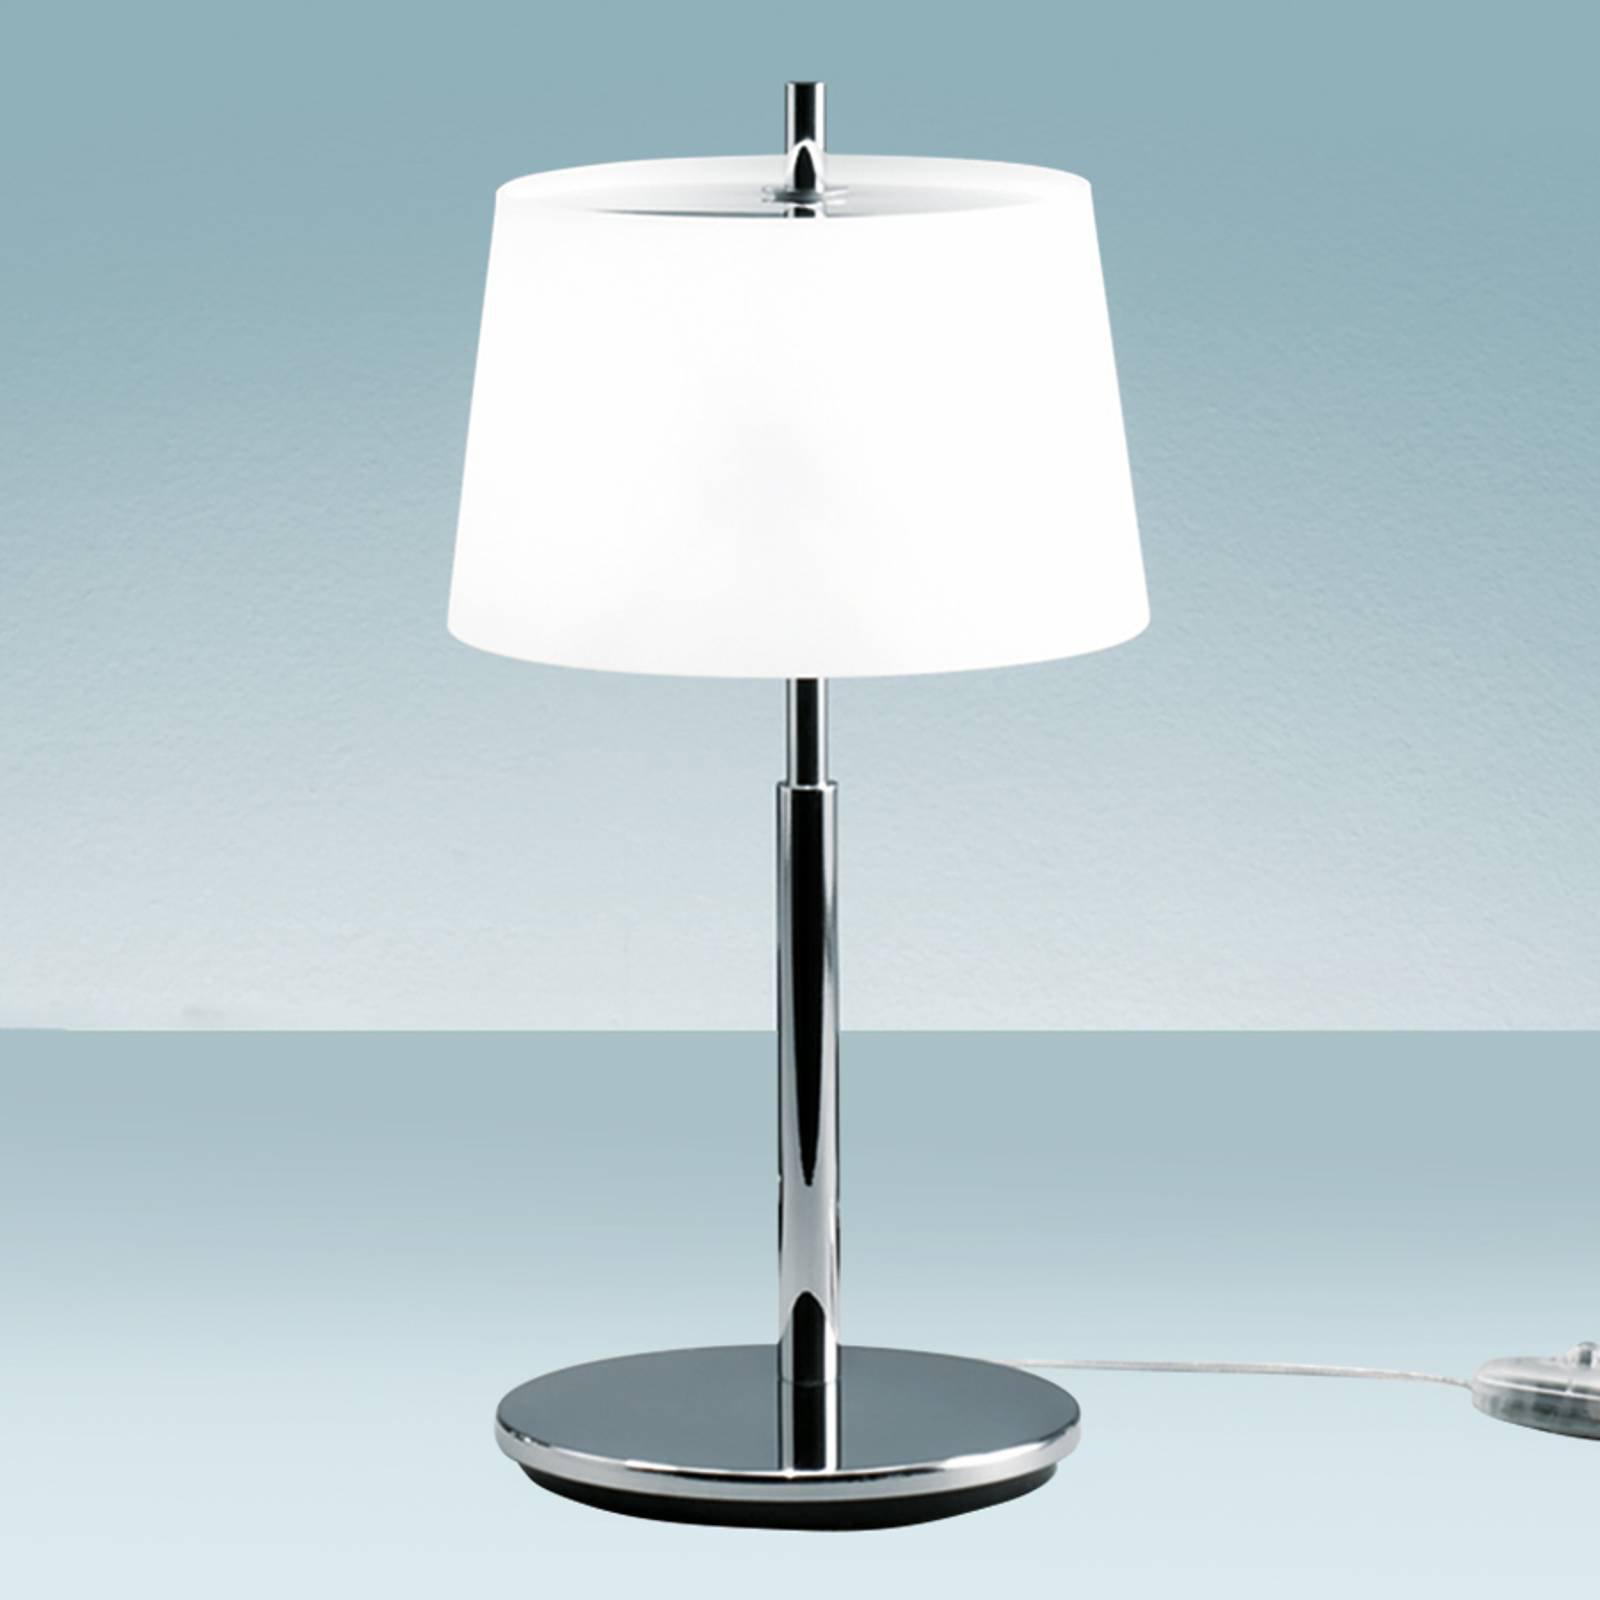 Utsøkt bordlampe PASSION, 31 cm